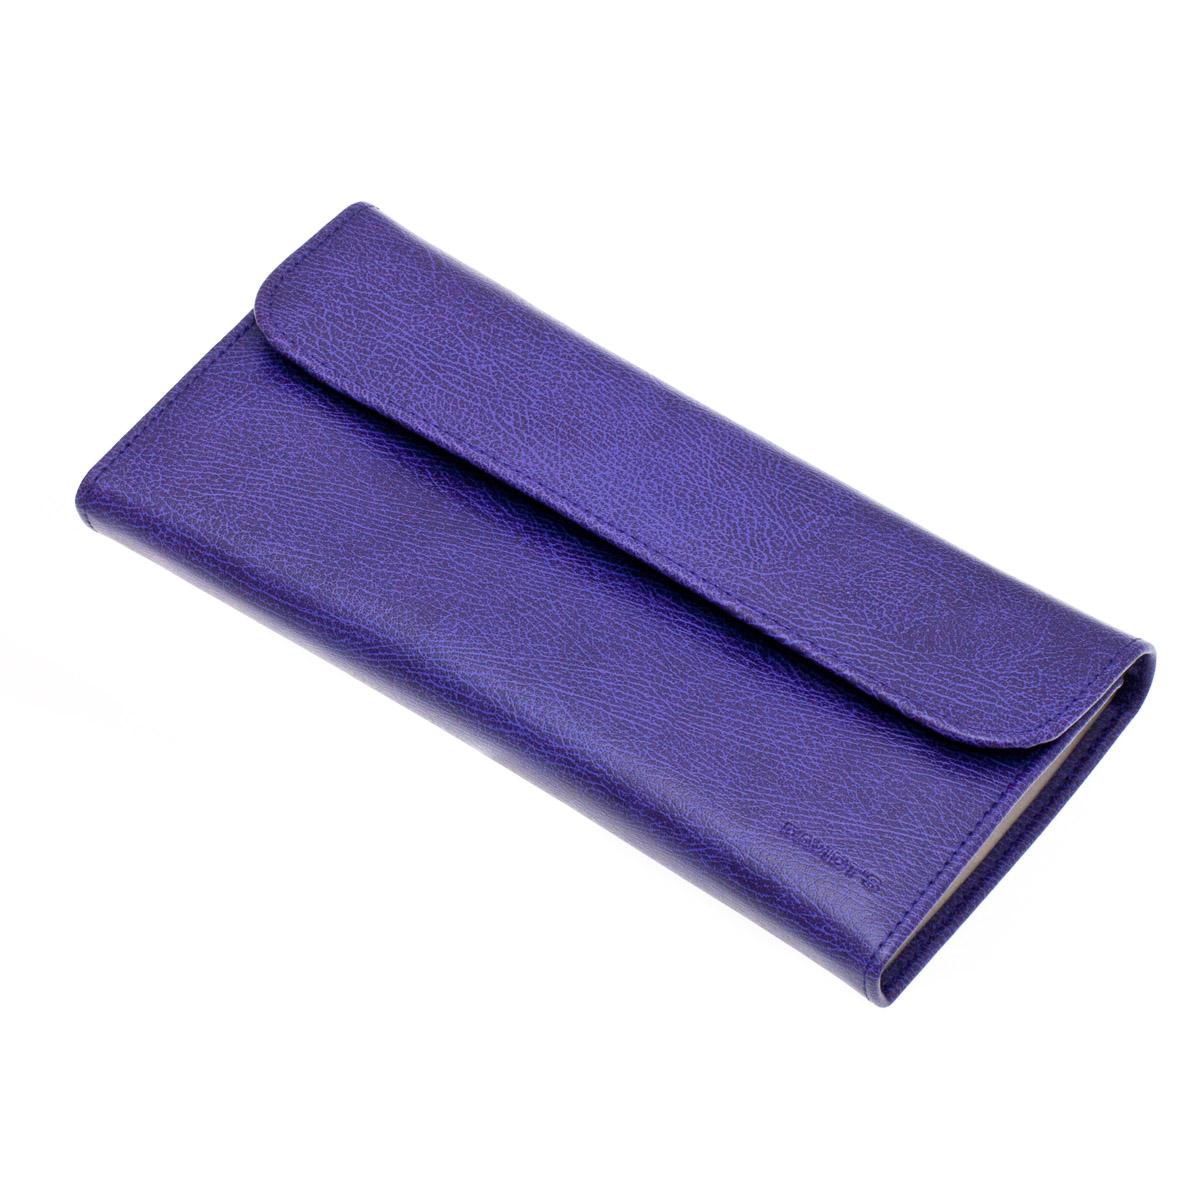 Trousse de Voyage \'Astuces\' violet  - [N4517]